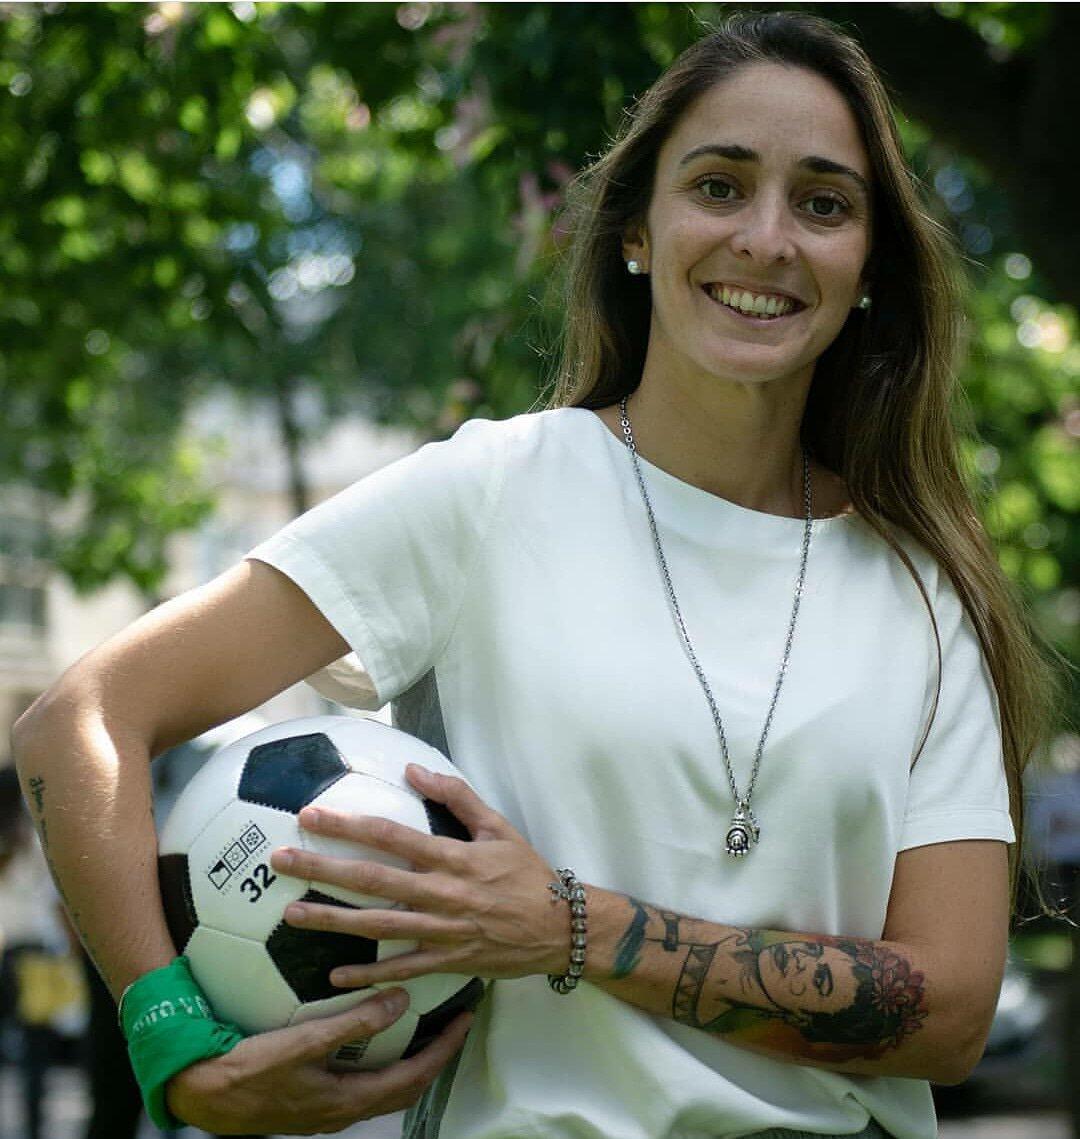 Maracera Sánchez juega de forma profesional en el San Lorenzo.